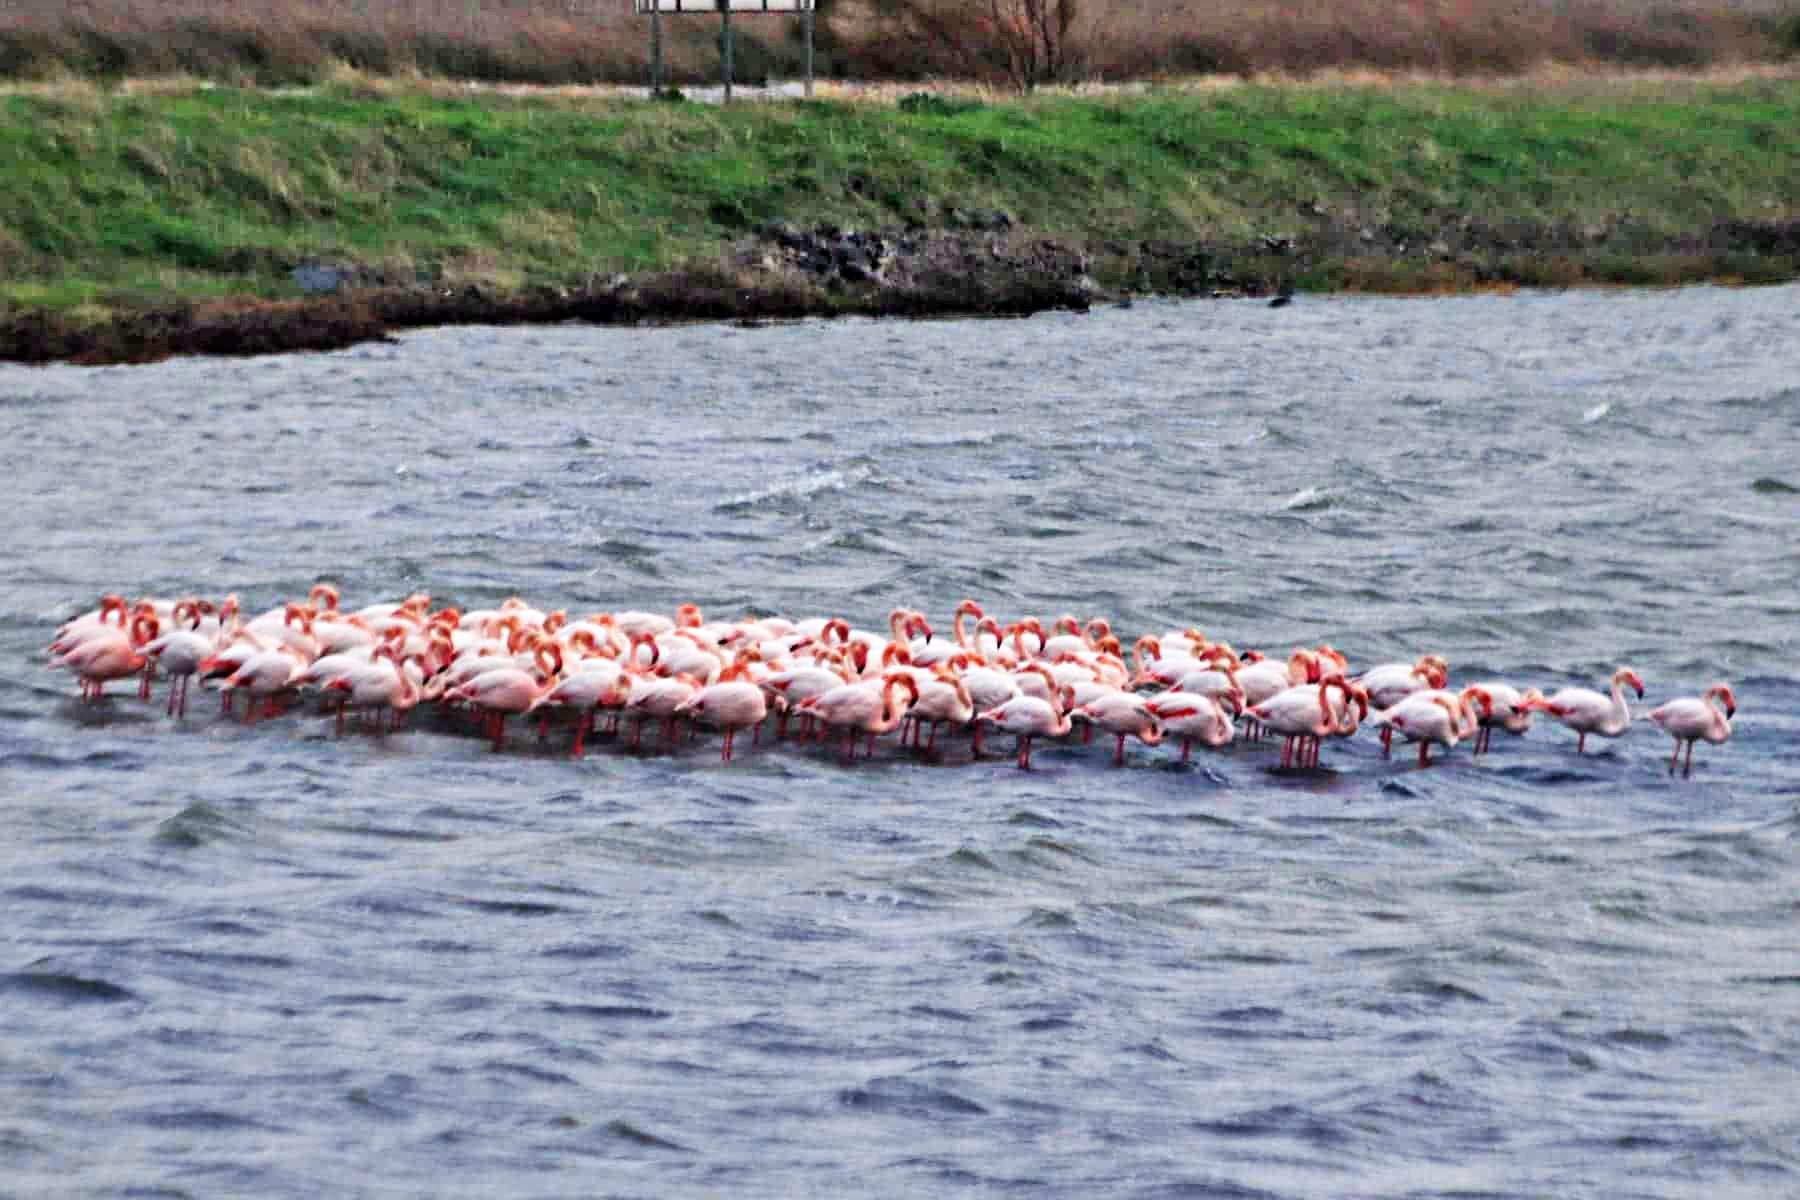 Flamingos Αλυκή Καλλονή Lesvos